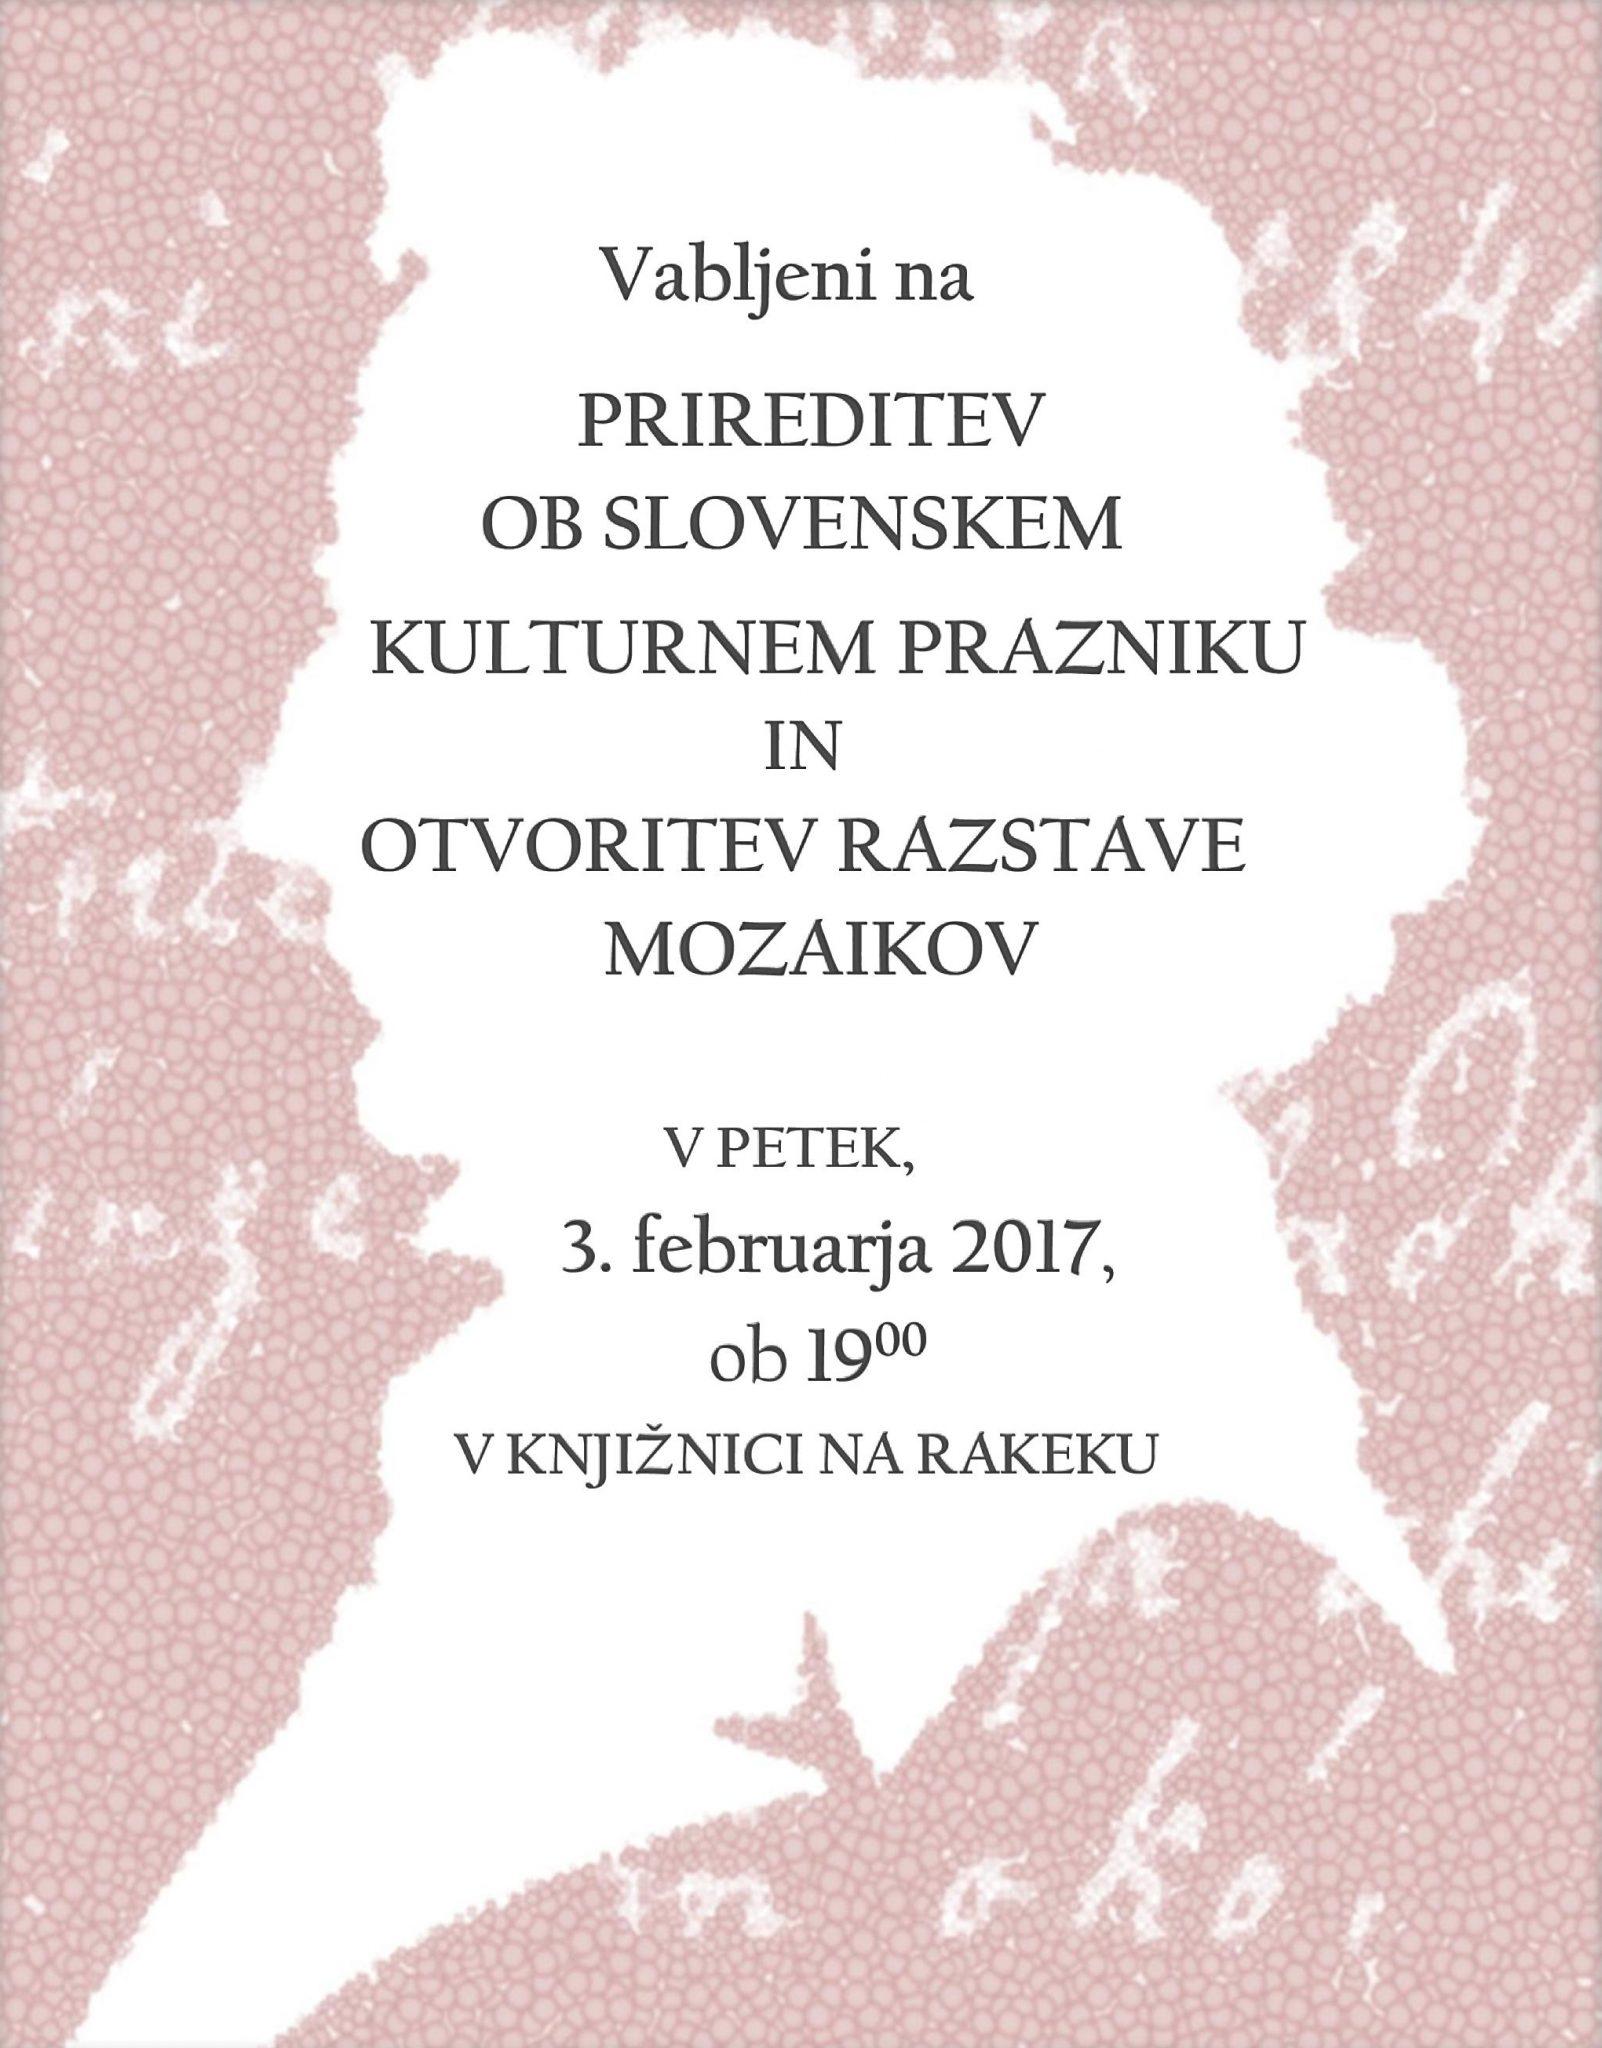 cover2 - Prireditev ob slovenskem kulturnem prazniku in otvoritev razstave mozaikov